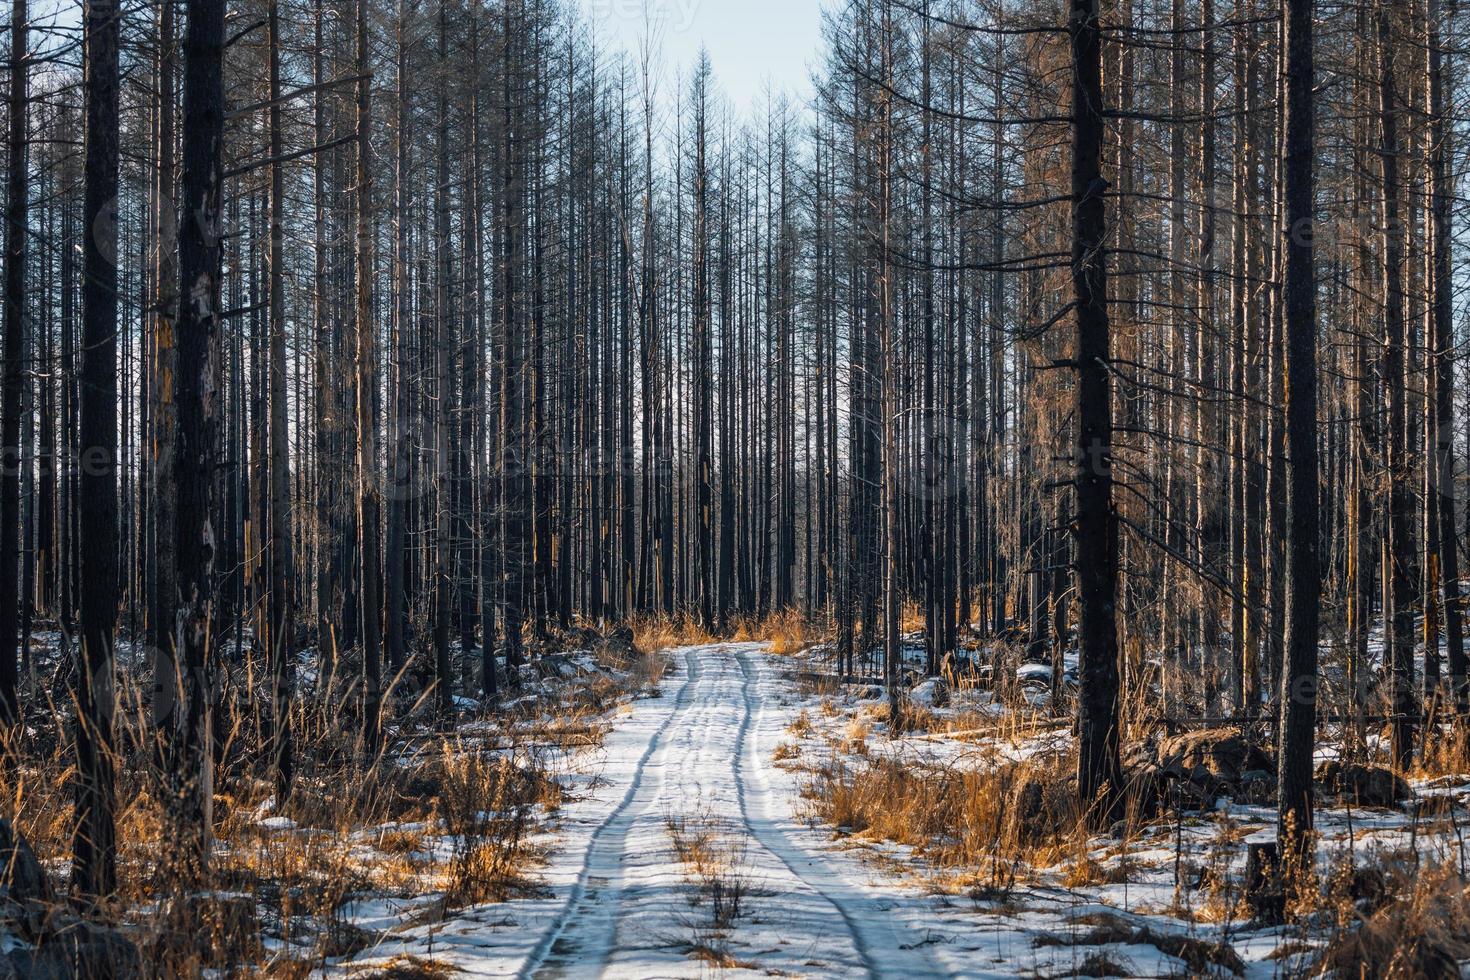 kvarvarande döda träd i en skog härjad av eld foto